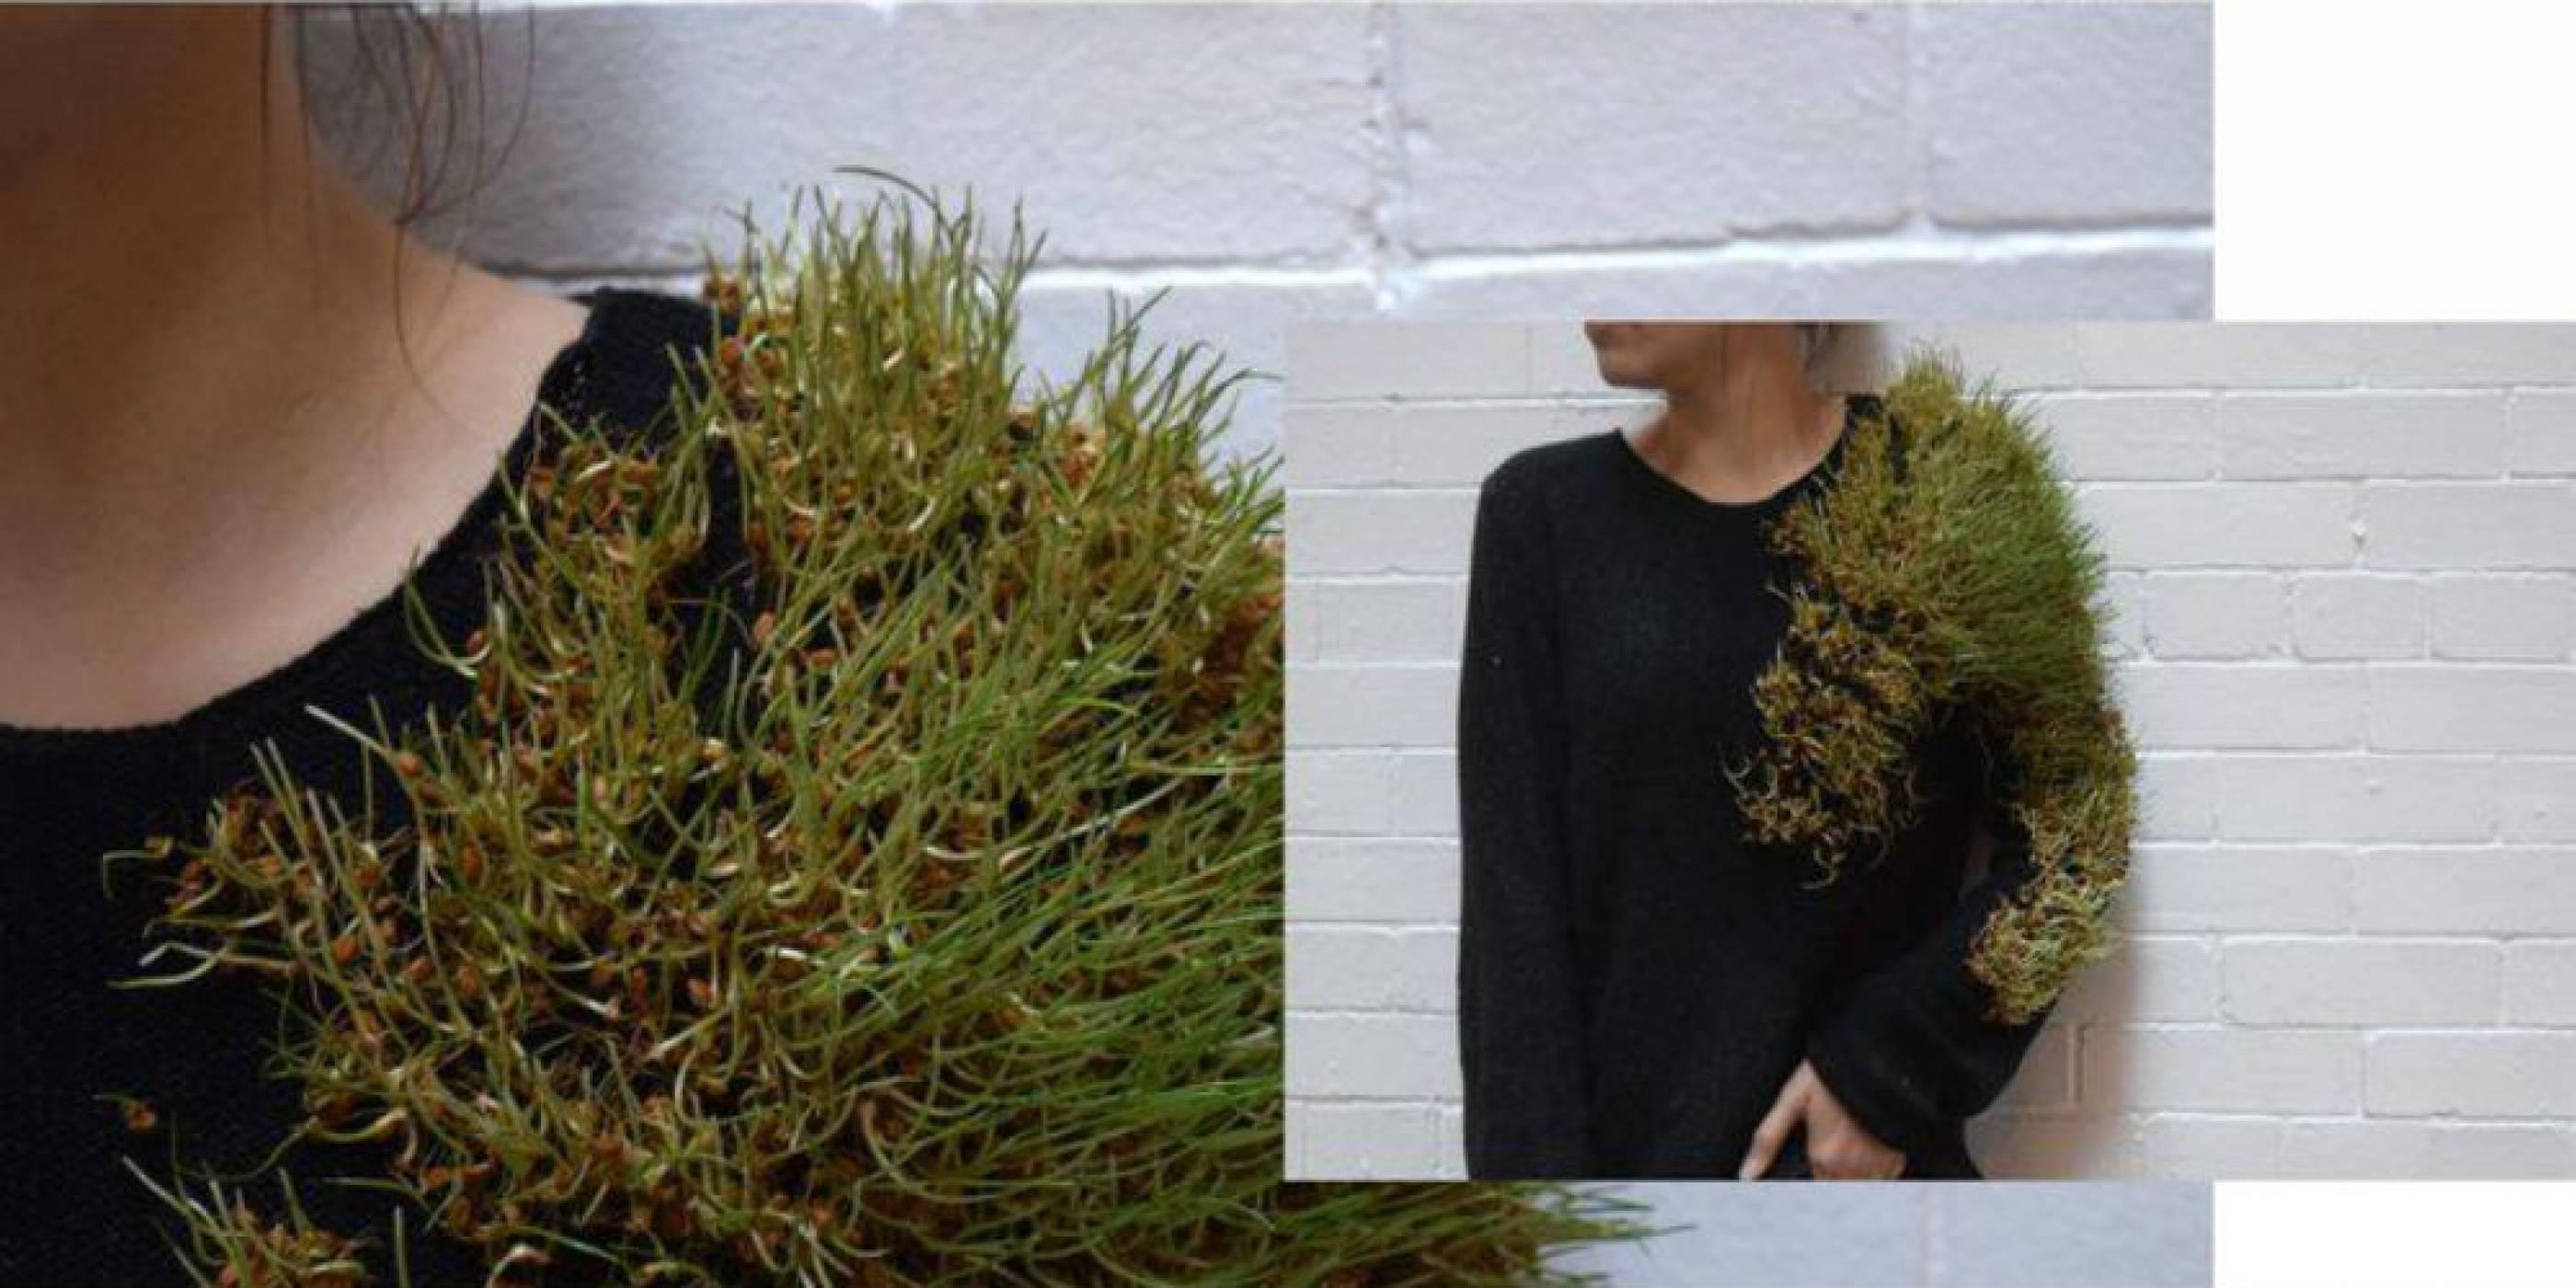 Дрехи с растяща върху тях трева показват връзката на човека с природата